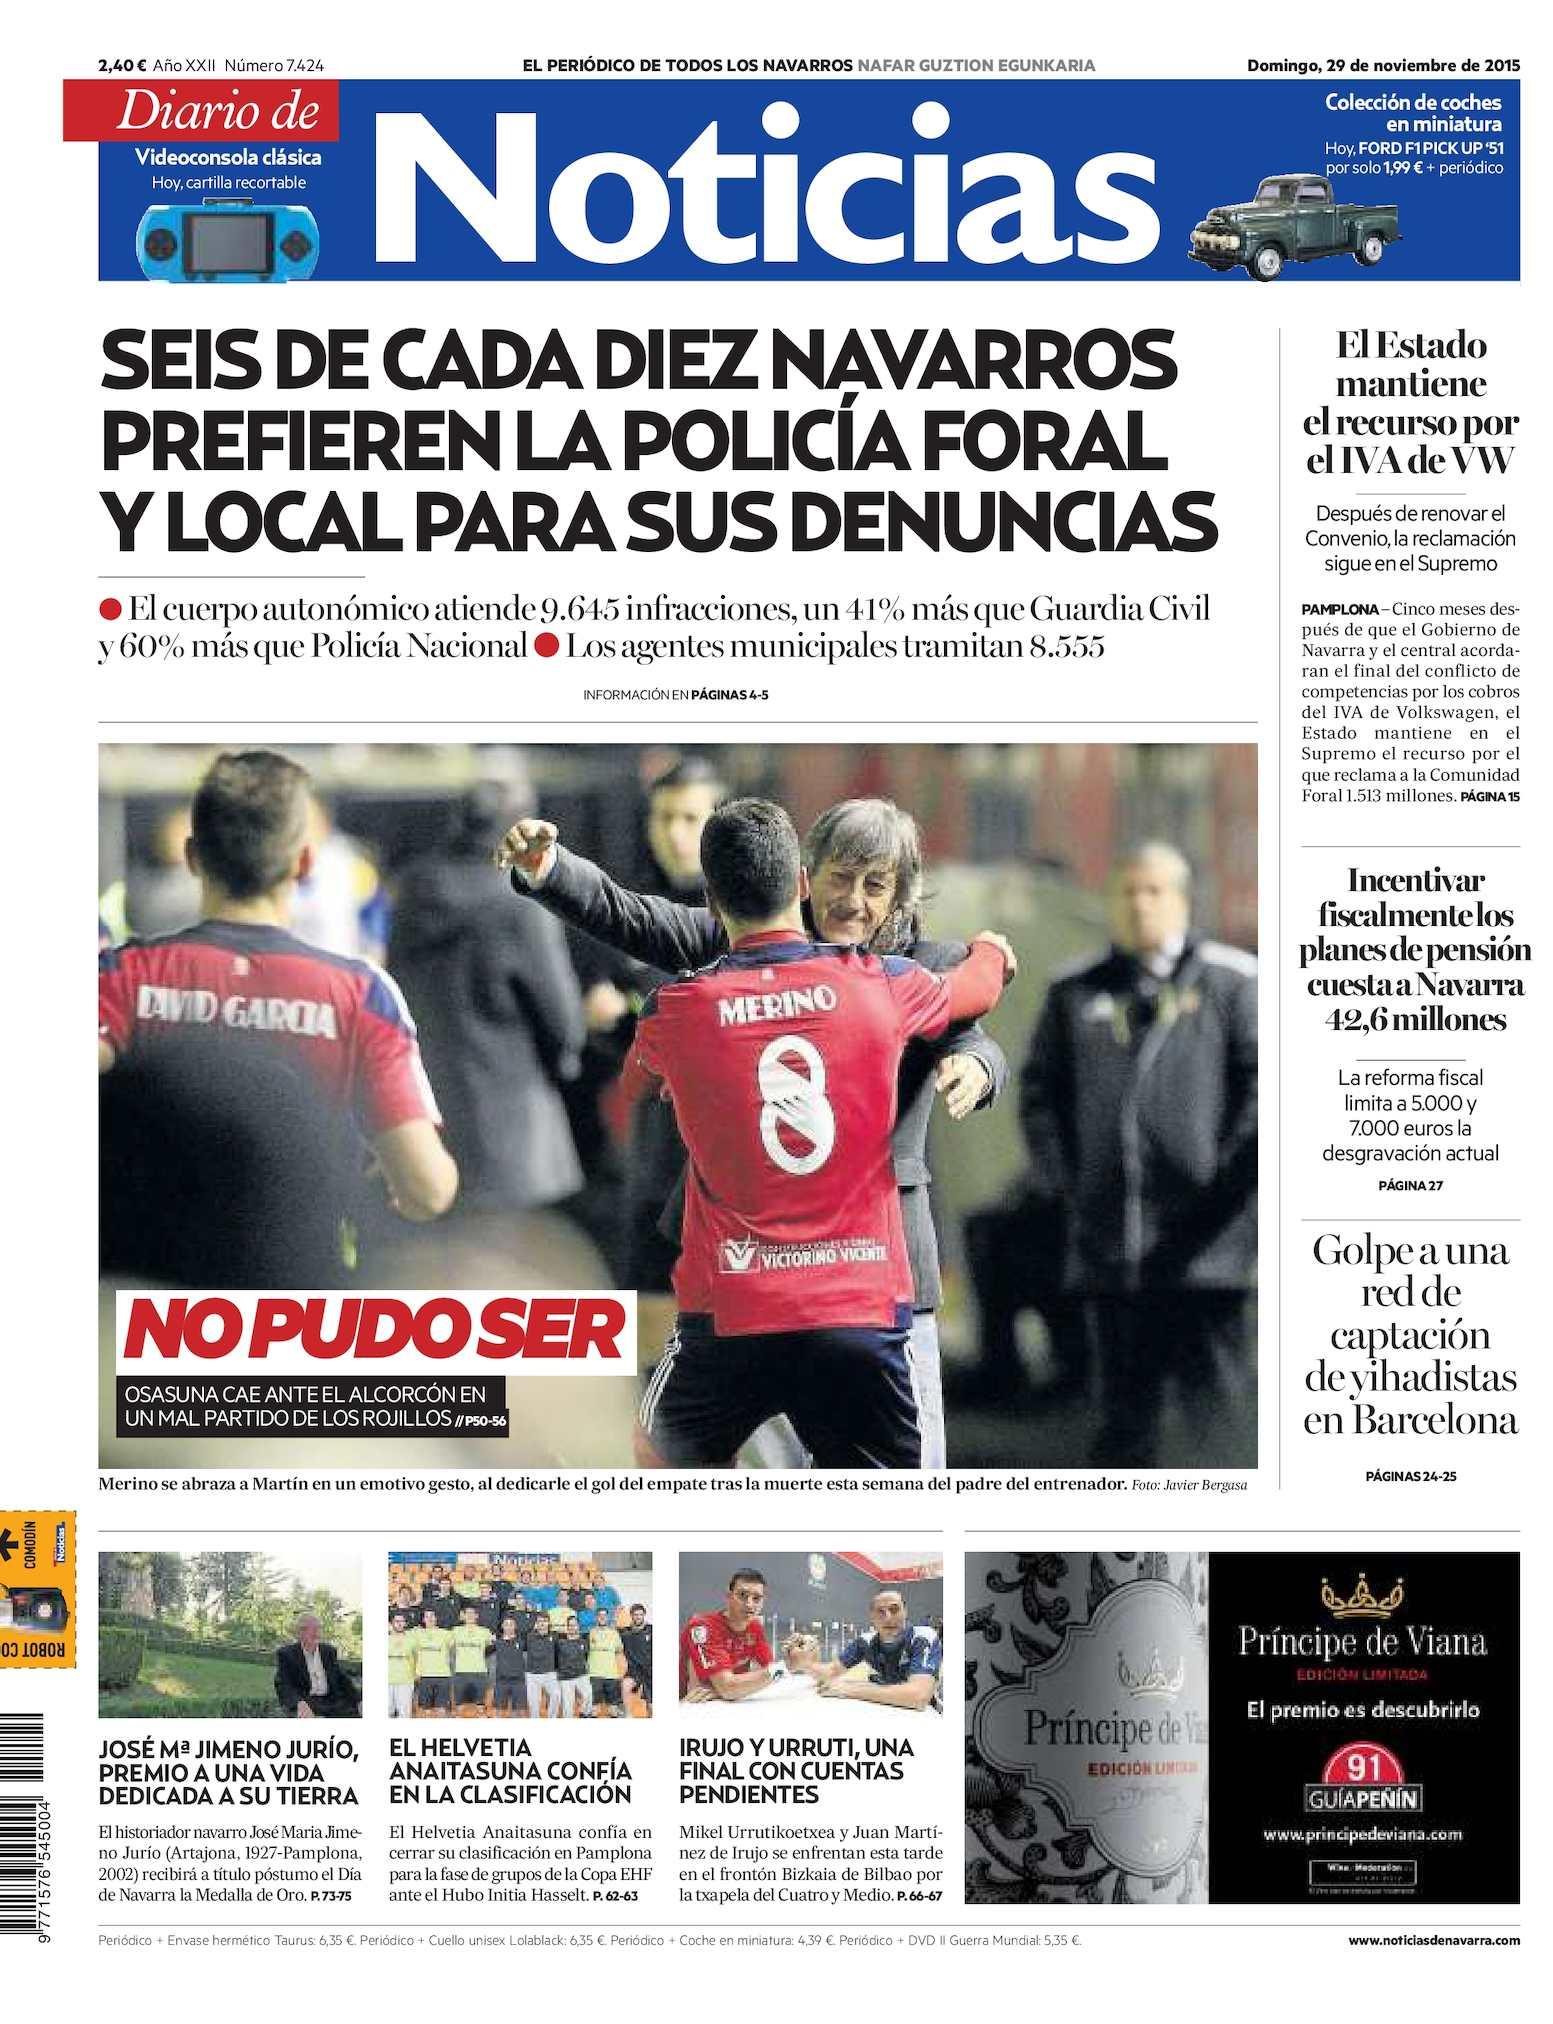 d68450b4a24a Calaméo - Diario de Noticias 20151129